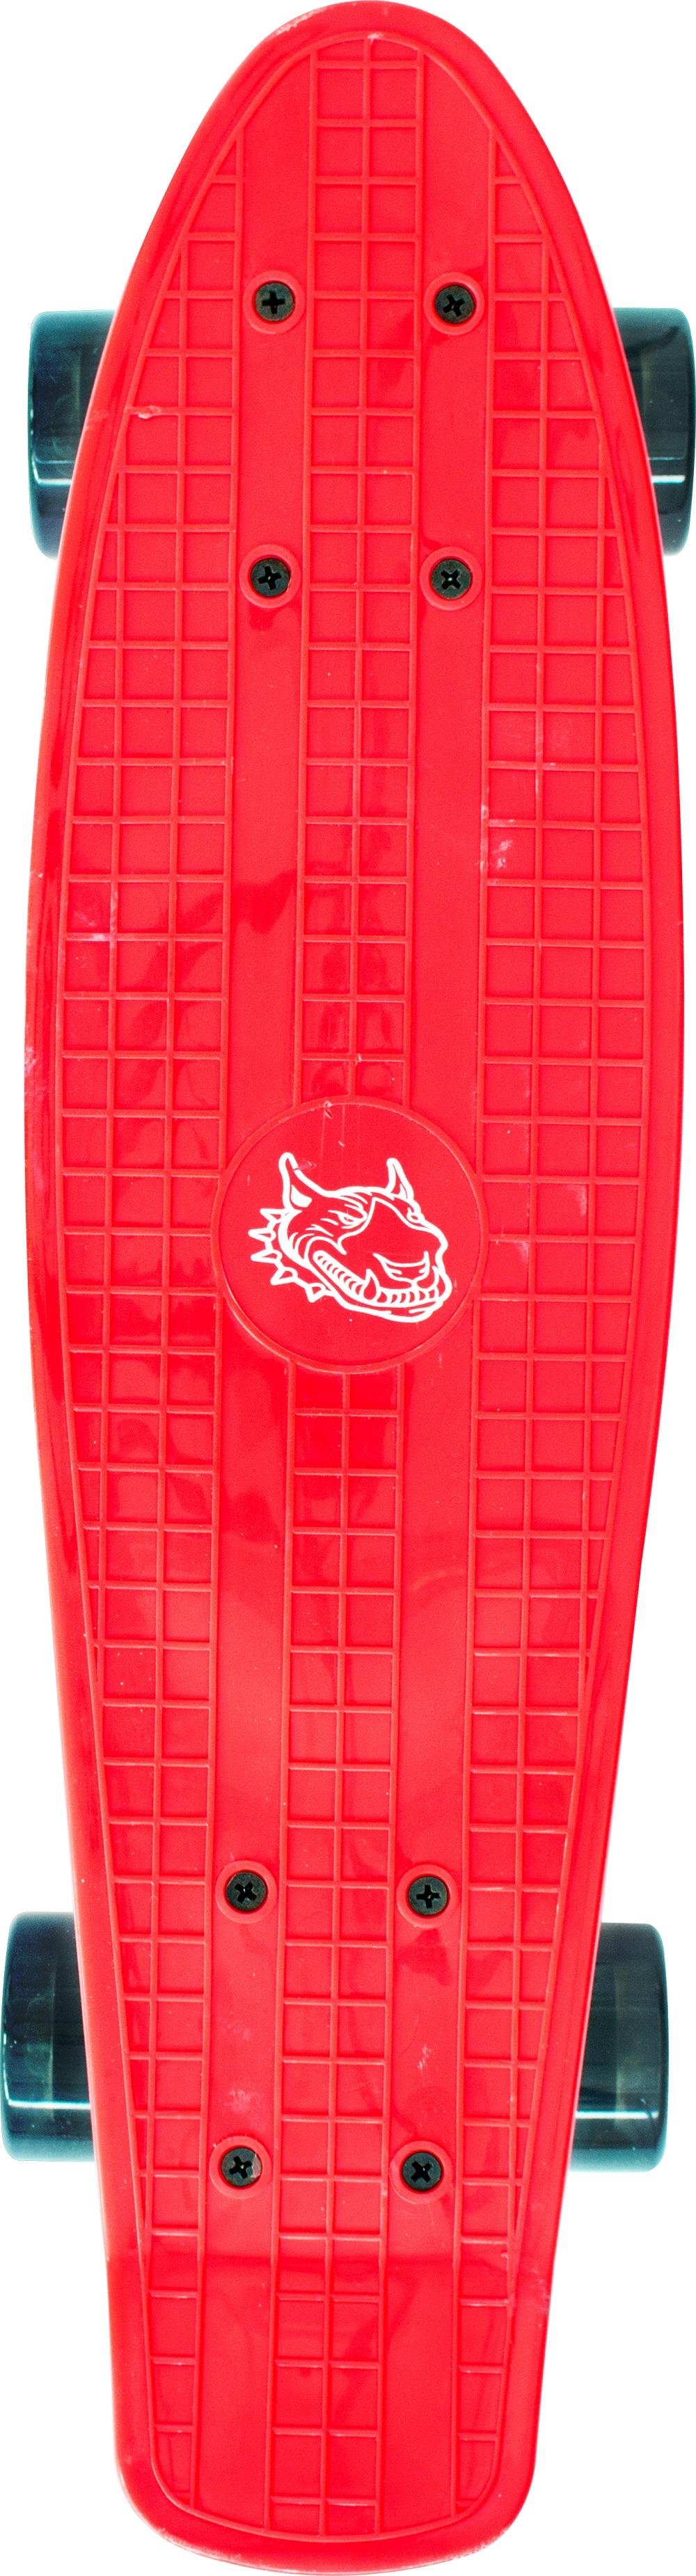 Skate Cruiser Red Nose Vermelho